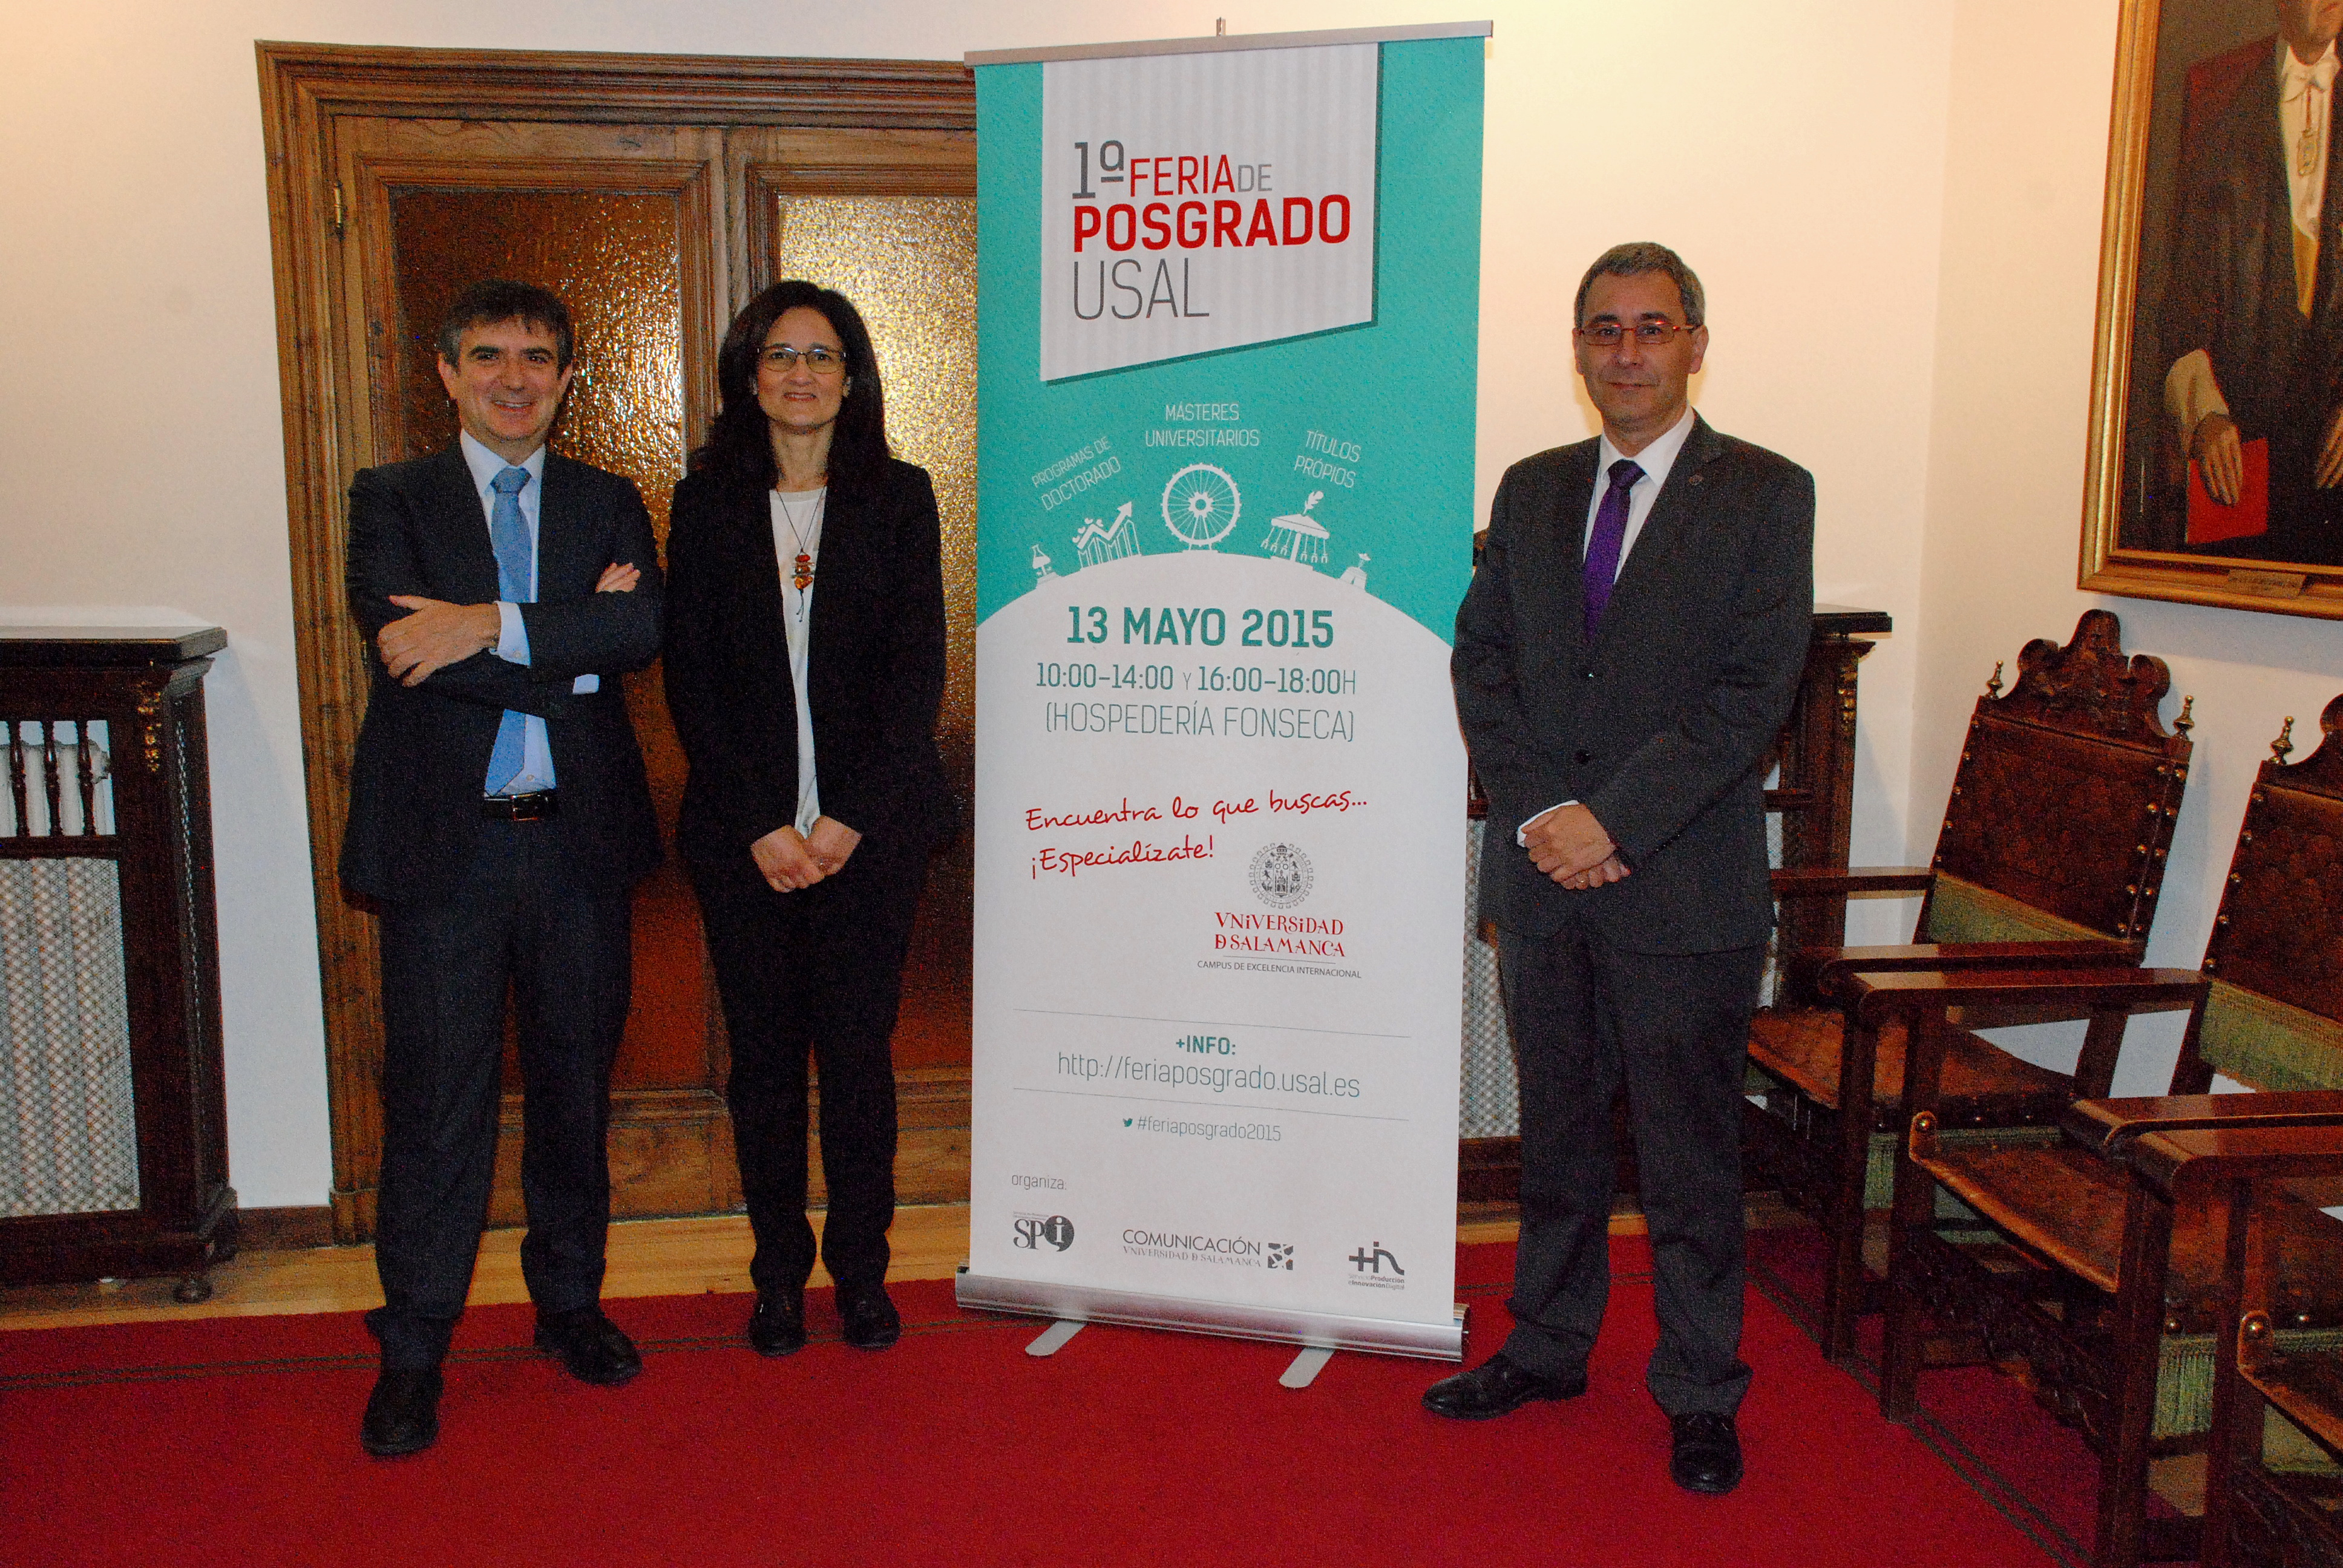 La Universidad de Salamanca da a conocer su amplia oferta de másteres universitarios, programas de doctorado y títulos propios en su primera Feria de Posgrado